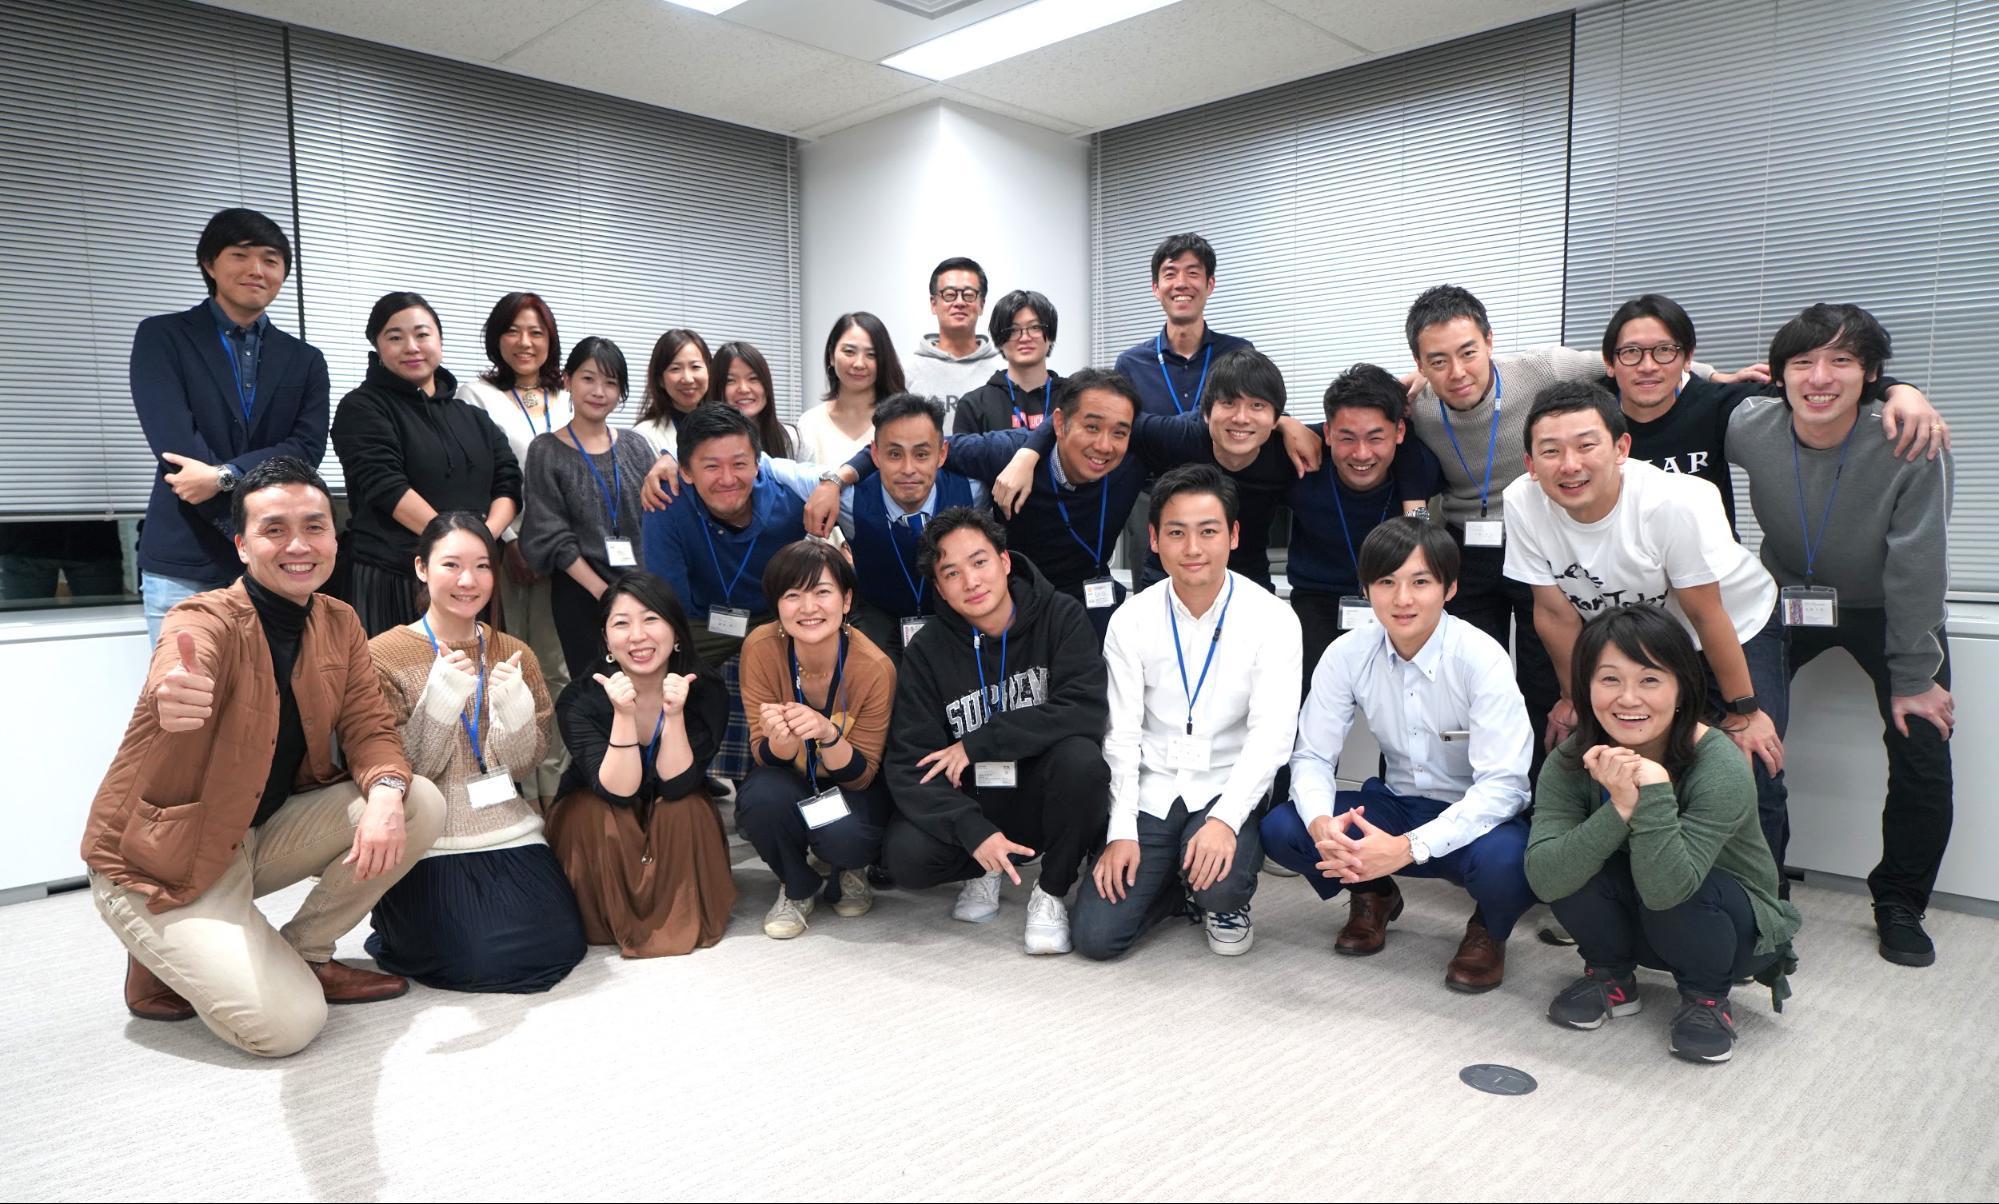 「渋谷をつなげる30人」 Day6(2019/11/21)レポート 〜 オープンセッションを乗り越え、一歩ずつ前へ〜